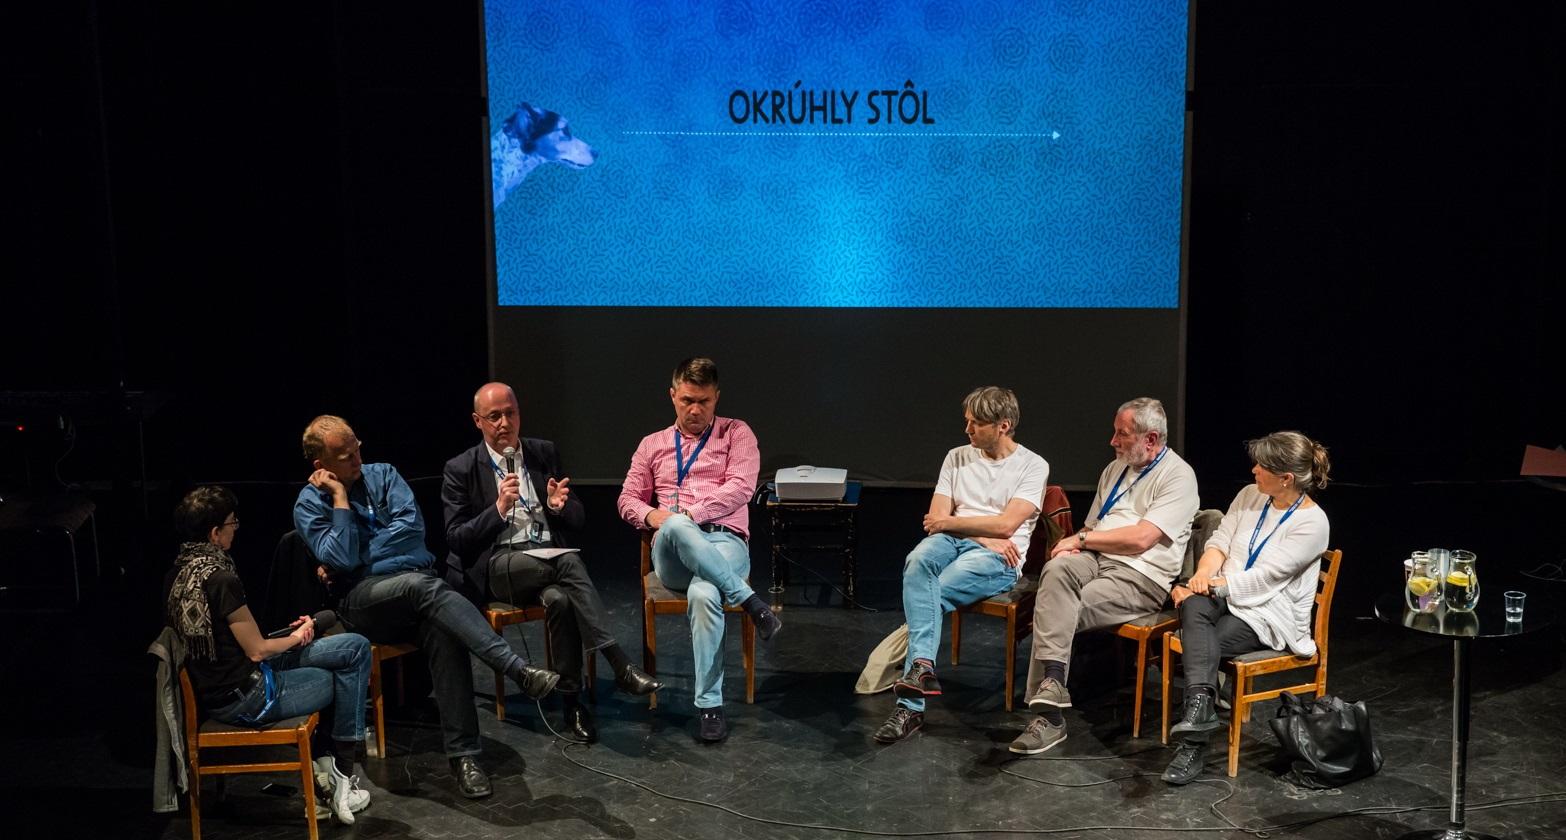 Fest Anča: Program pre filmových profesionálov